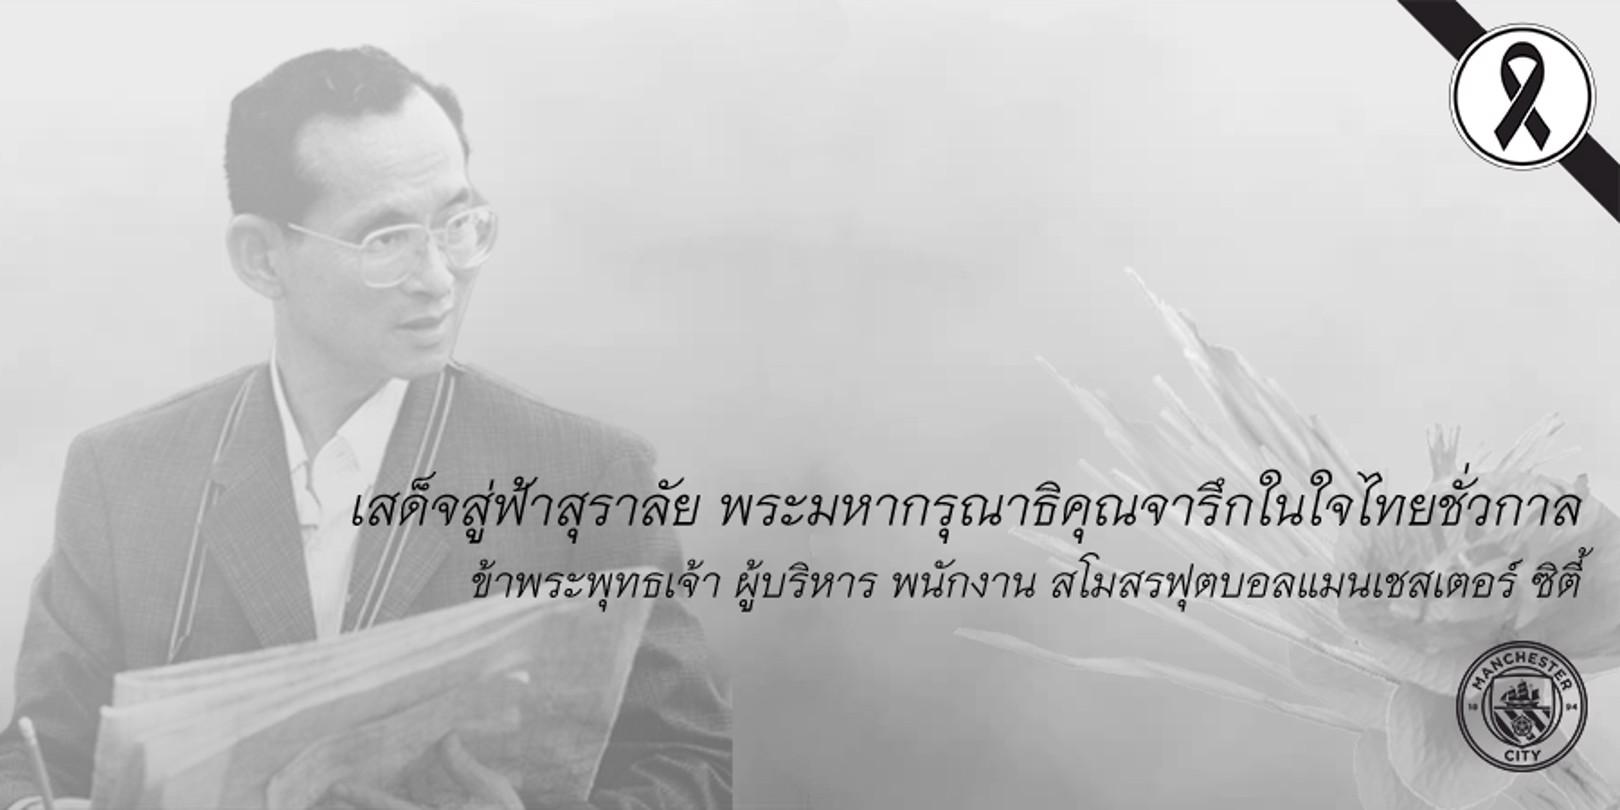 ปวงข้าพระพุทธเจ้าขอร่วมส่งเสด็จสู่สวรรคาลัย ด้วยความสำนึกในพระมหากรุณาธิคุณอันหาที่สุดมิได้